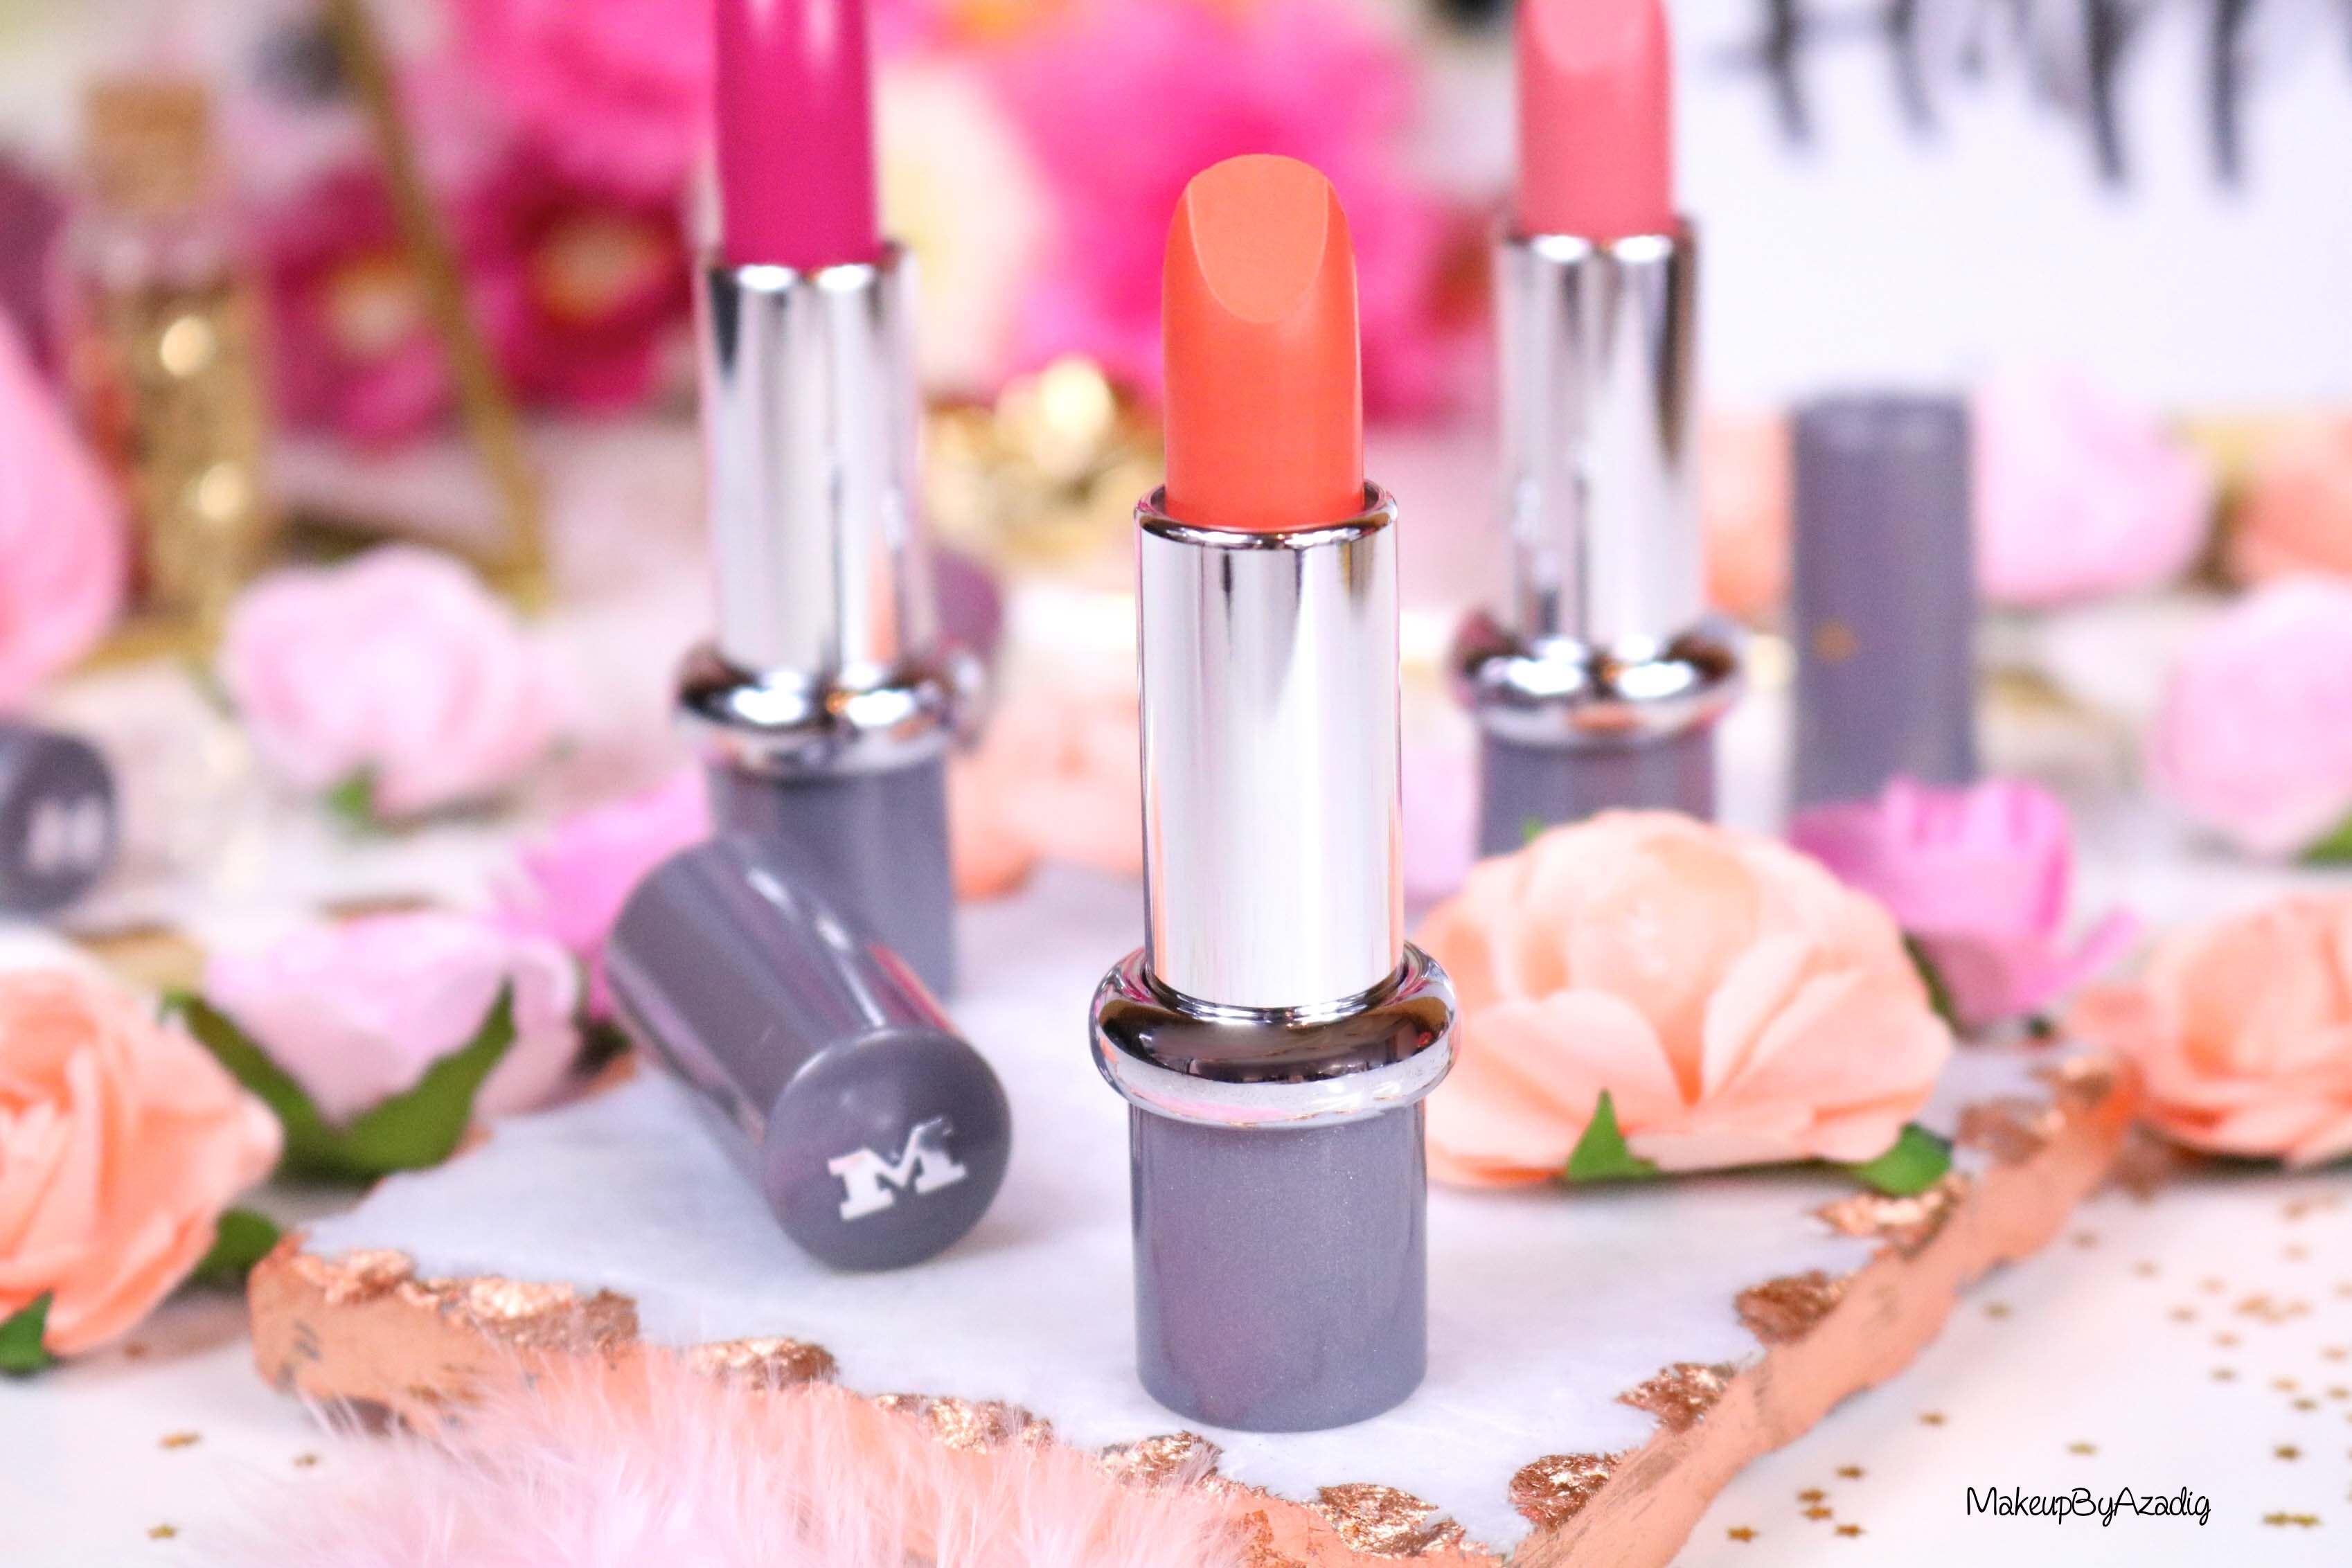 revue-rouge-levres-mavala-soin-monoprix-collection-printemps-ete-rose-nude-violet-avis-prix-makeupbyazadig-freesia